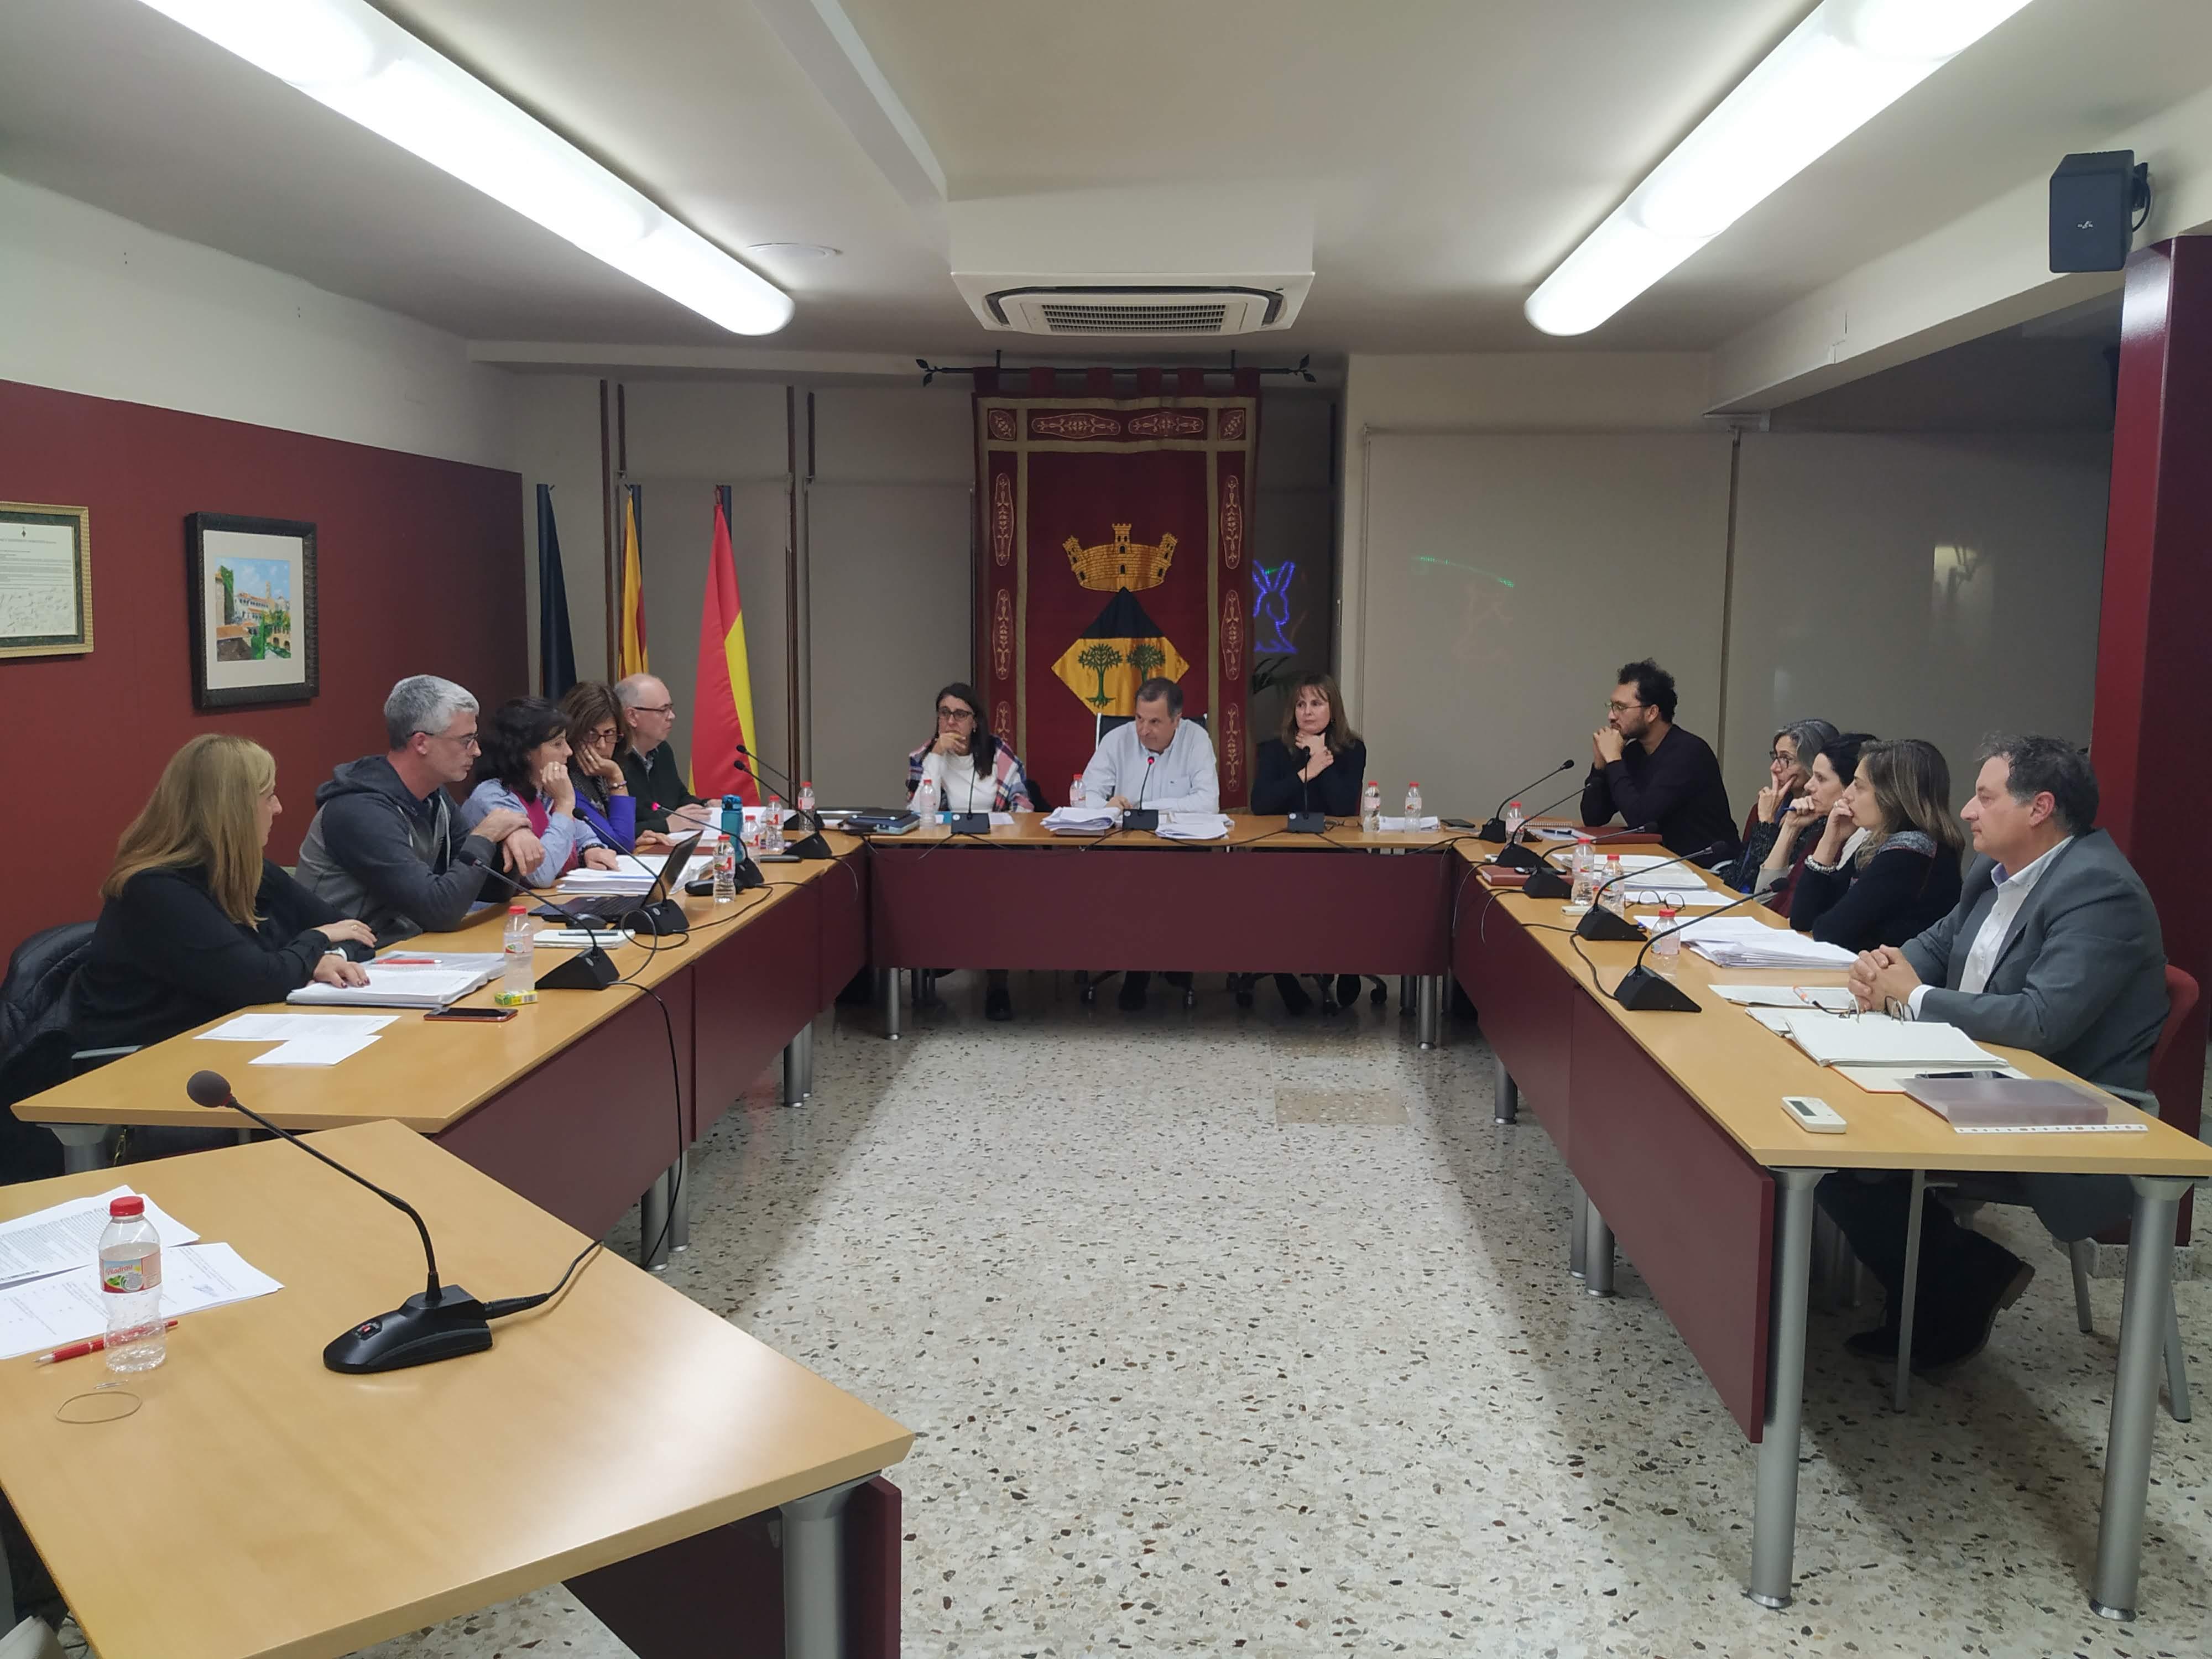 L'Ajuntament de Vandellòs i l'Hospitalet de l'Infant aprova un pressupost de més de 19 milions d'euros per al 2020